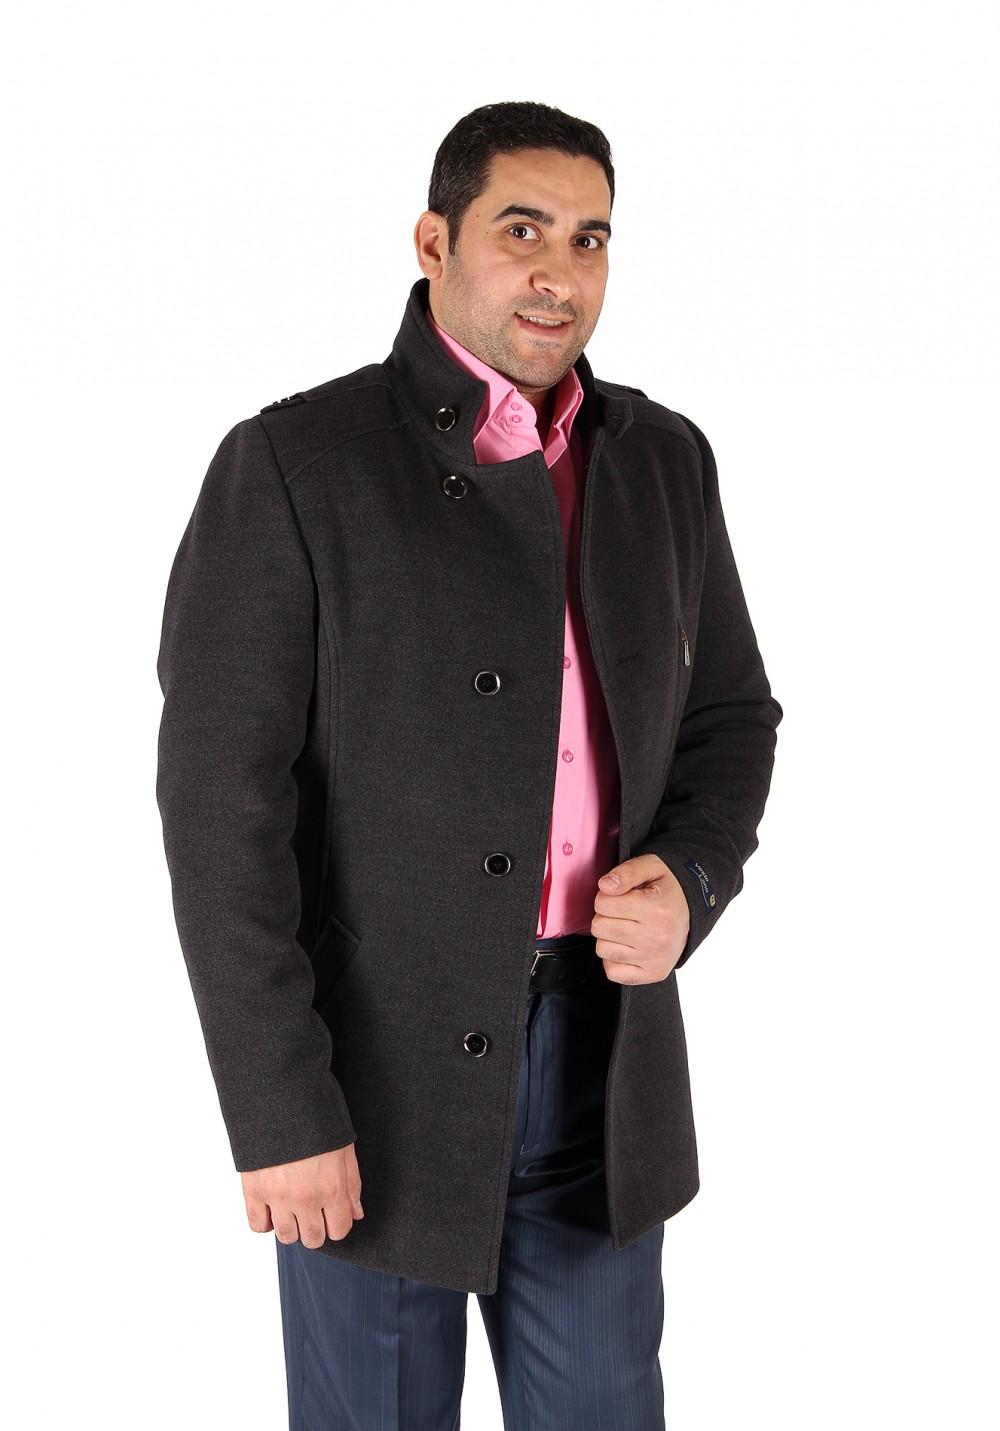 Купить оптом Полупальто мужское серого цвета Кс-25Sr